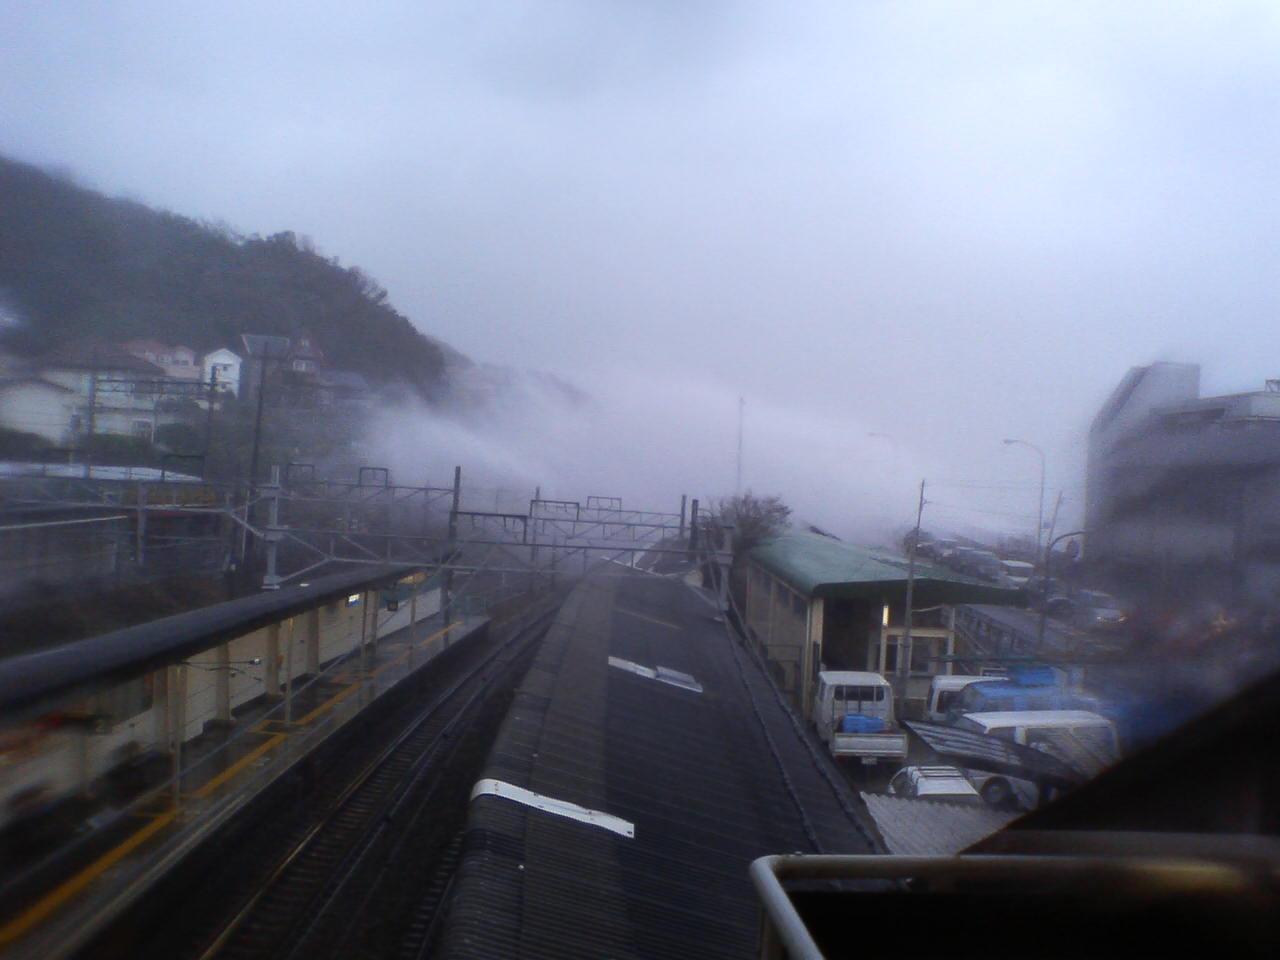 関西・近畿気象情報 Part433 [無断転載禁止]©2ch.netYouTube動画>1本 ->画像>55枚